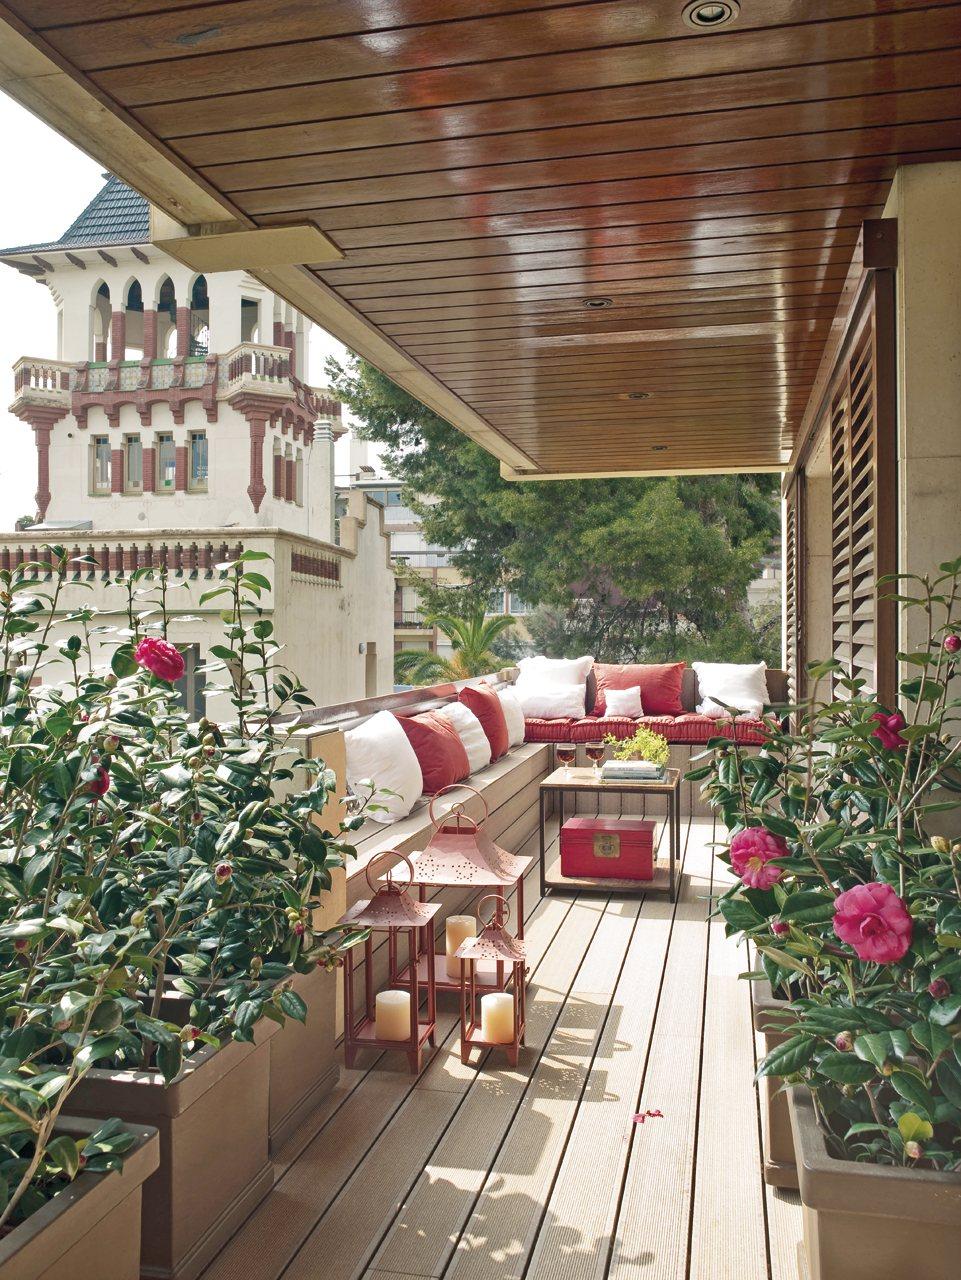 15 formas de aprovechar exteriores peque os for Muebles para balcon exterior pequeno